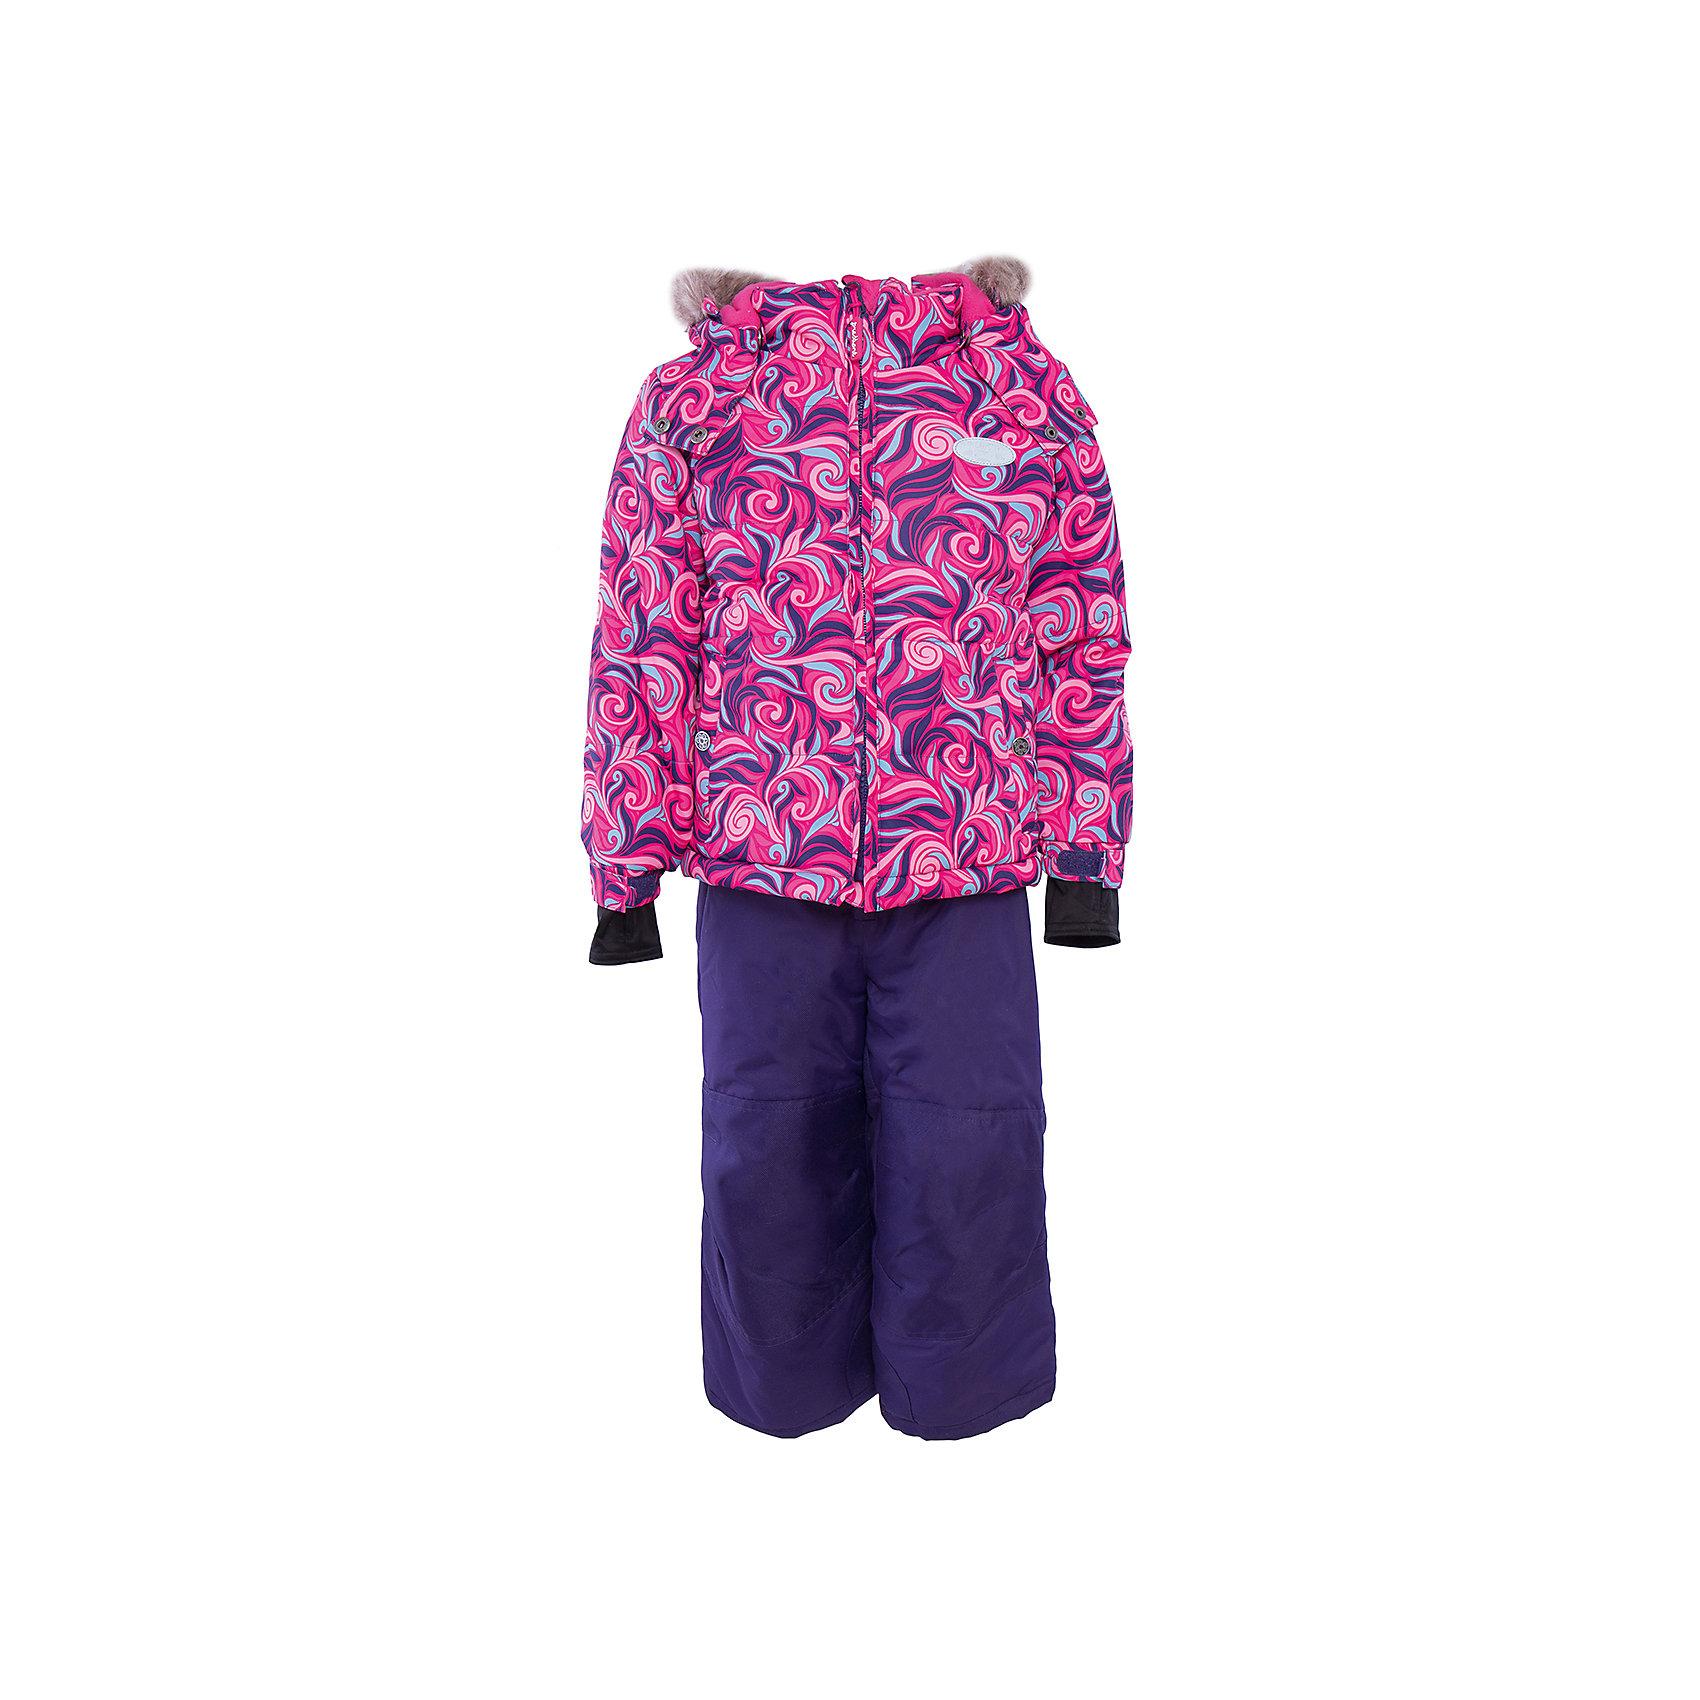 Комплект: куртка и брюки для девочки PremontВерхняя одежда<br>Комплект: куртка и брюки для девочки от известного бренда Premont .<br>Ниагарский водопад по праву считается самым знаменитым и завораживающим водопадом в мире. Принт комбинезона «Загадка Ниагары» состоит из волнистых, переплетающихся между собой линий, словно струящиеся воды Ниагары слились воедино.<br>Состав:<br>Ткань верха: мембрана 5000мм/5000г/м2/24h, Taslan <br>Подклад: Polarfleece (тело, капюшон, манжеты), Taffeta (брюки, рукава, снежная юбка) Утеплитель: Tech-polyfill (куртка 280г, брюки 180г)<br><br>Ширина мм: 356<br>Глубина мм: 10<br>Высота мм: 245<br>Вес г: 519<br>Цвет: розовый<br>Возраст от месяцев: 18<br>Возраст до месяцев: 24<br>Пол: Женский<br>Возраст: Детский<br>Размер: 92,140,152,164,98,100,104,110,116,120,122,128<br>SKU: 4996683